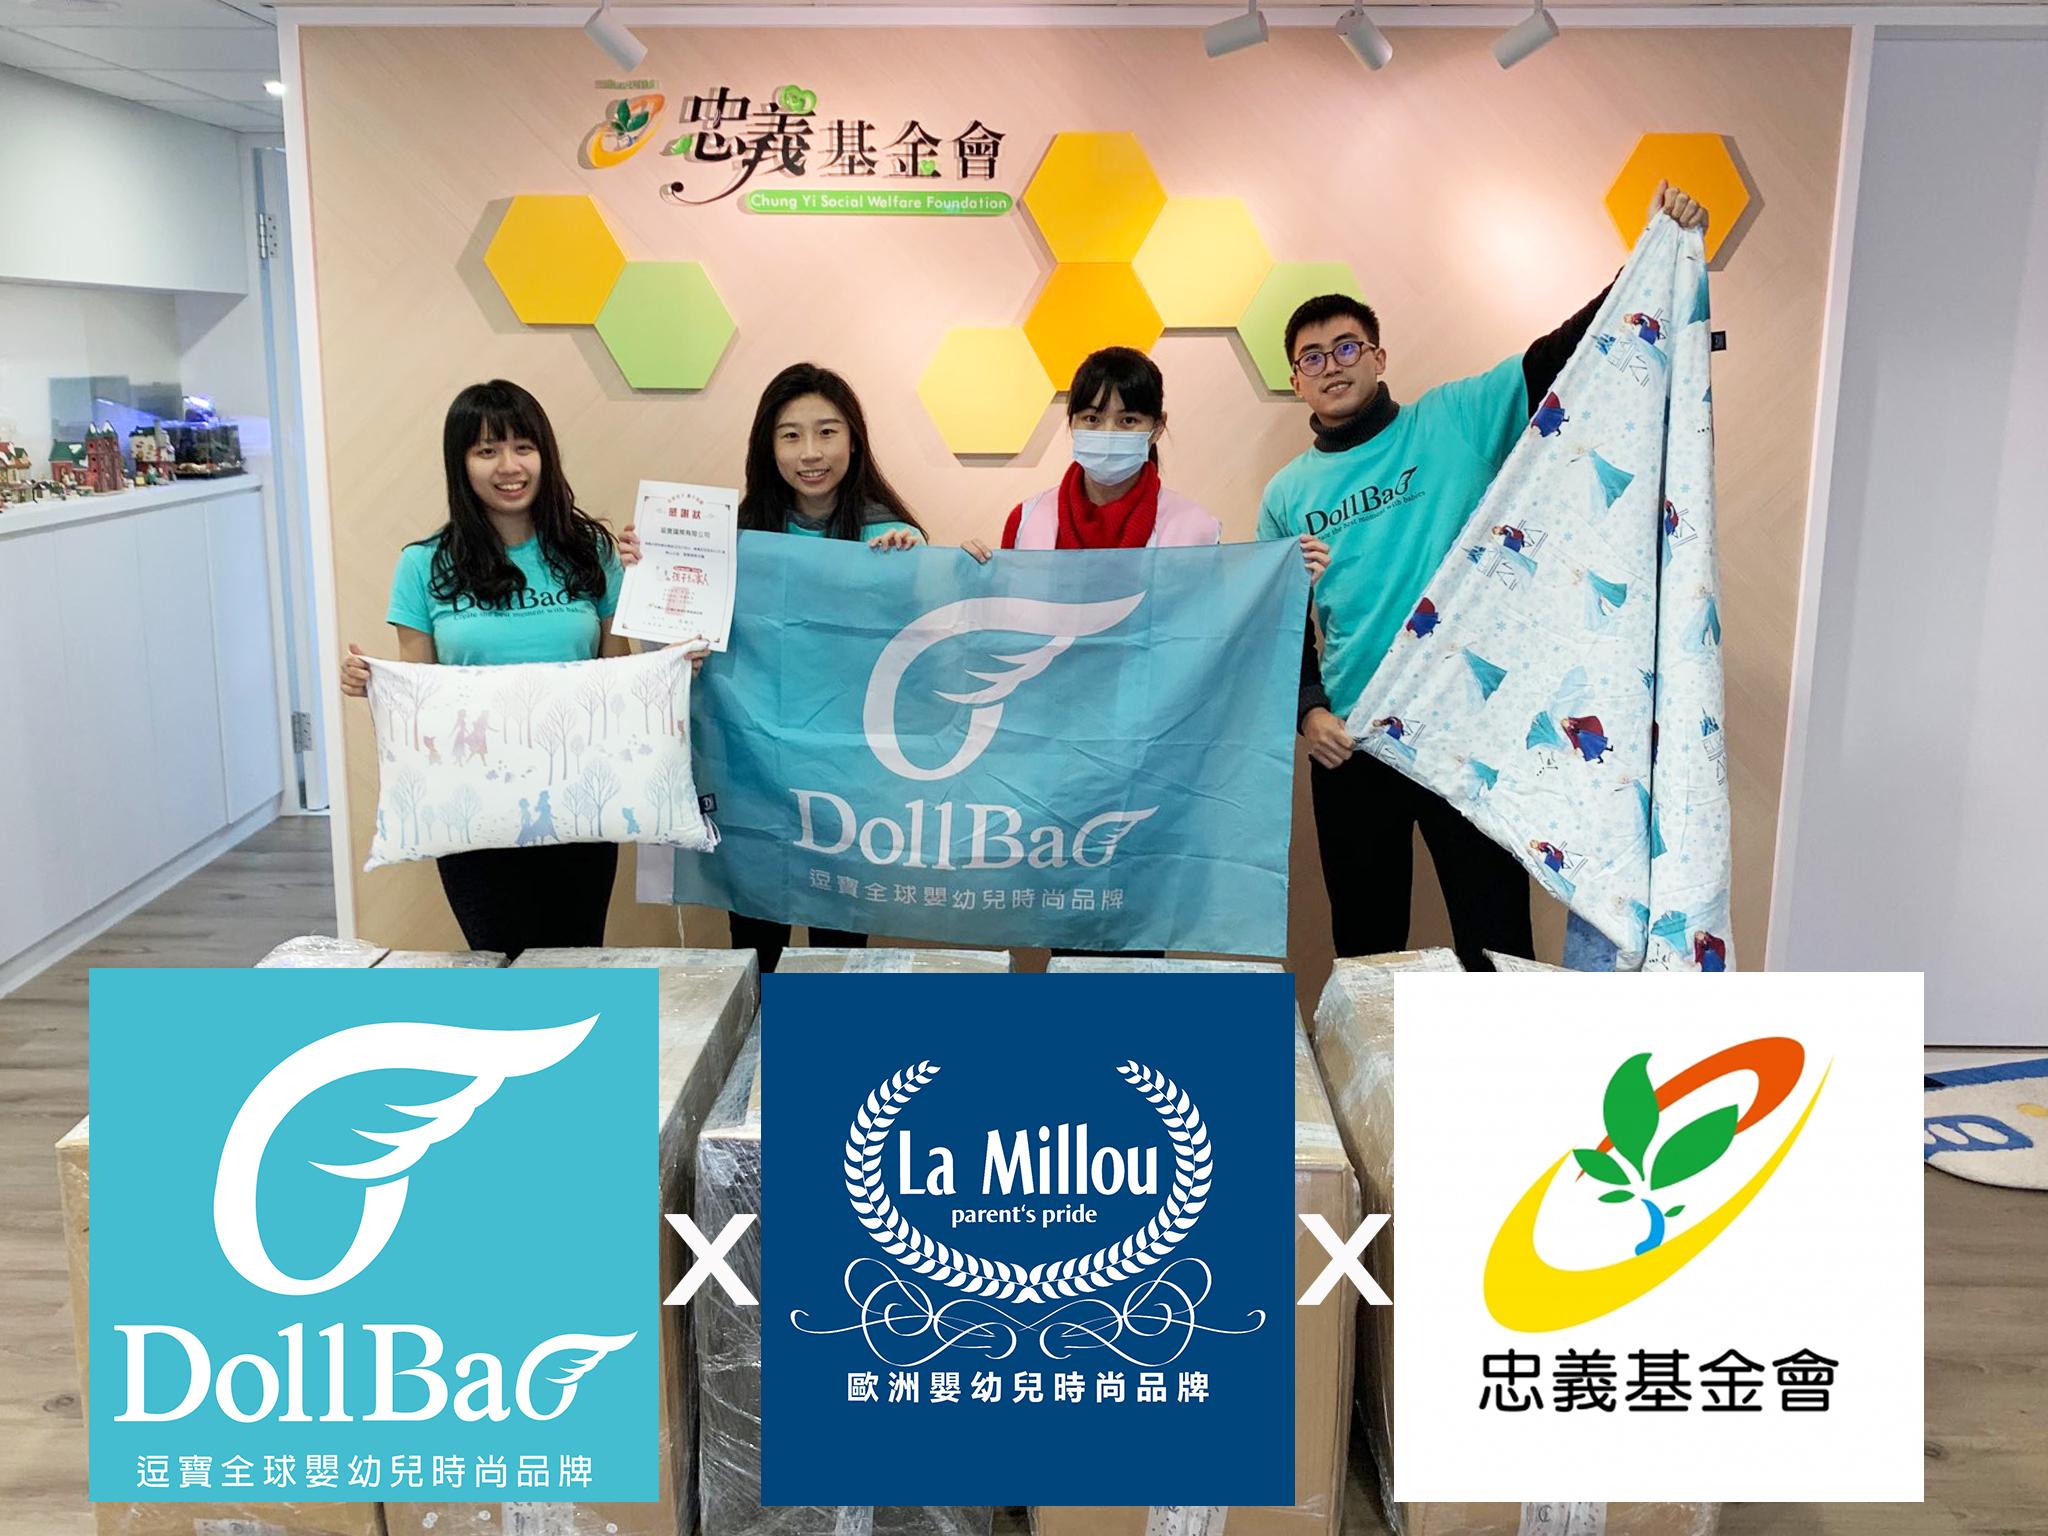 DollBaoxLa Millou冰雪奇緣系列春節送暖捐贈物資給忠義基金會